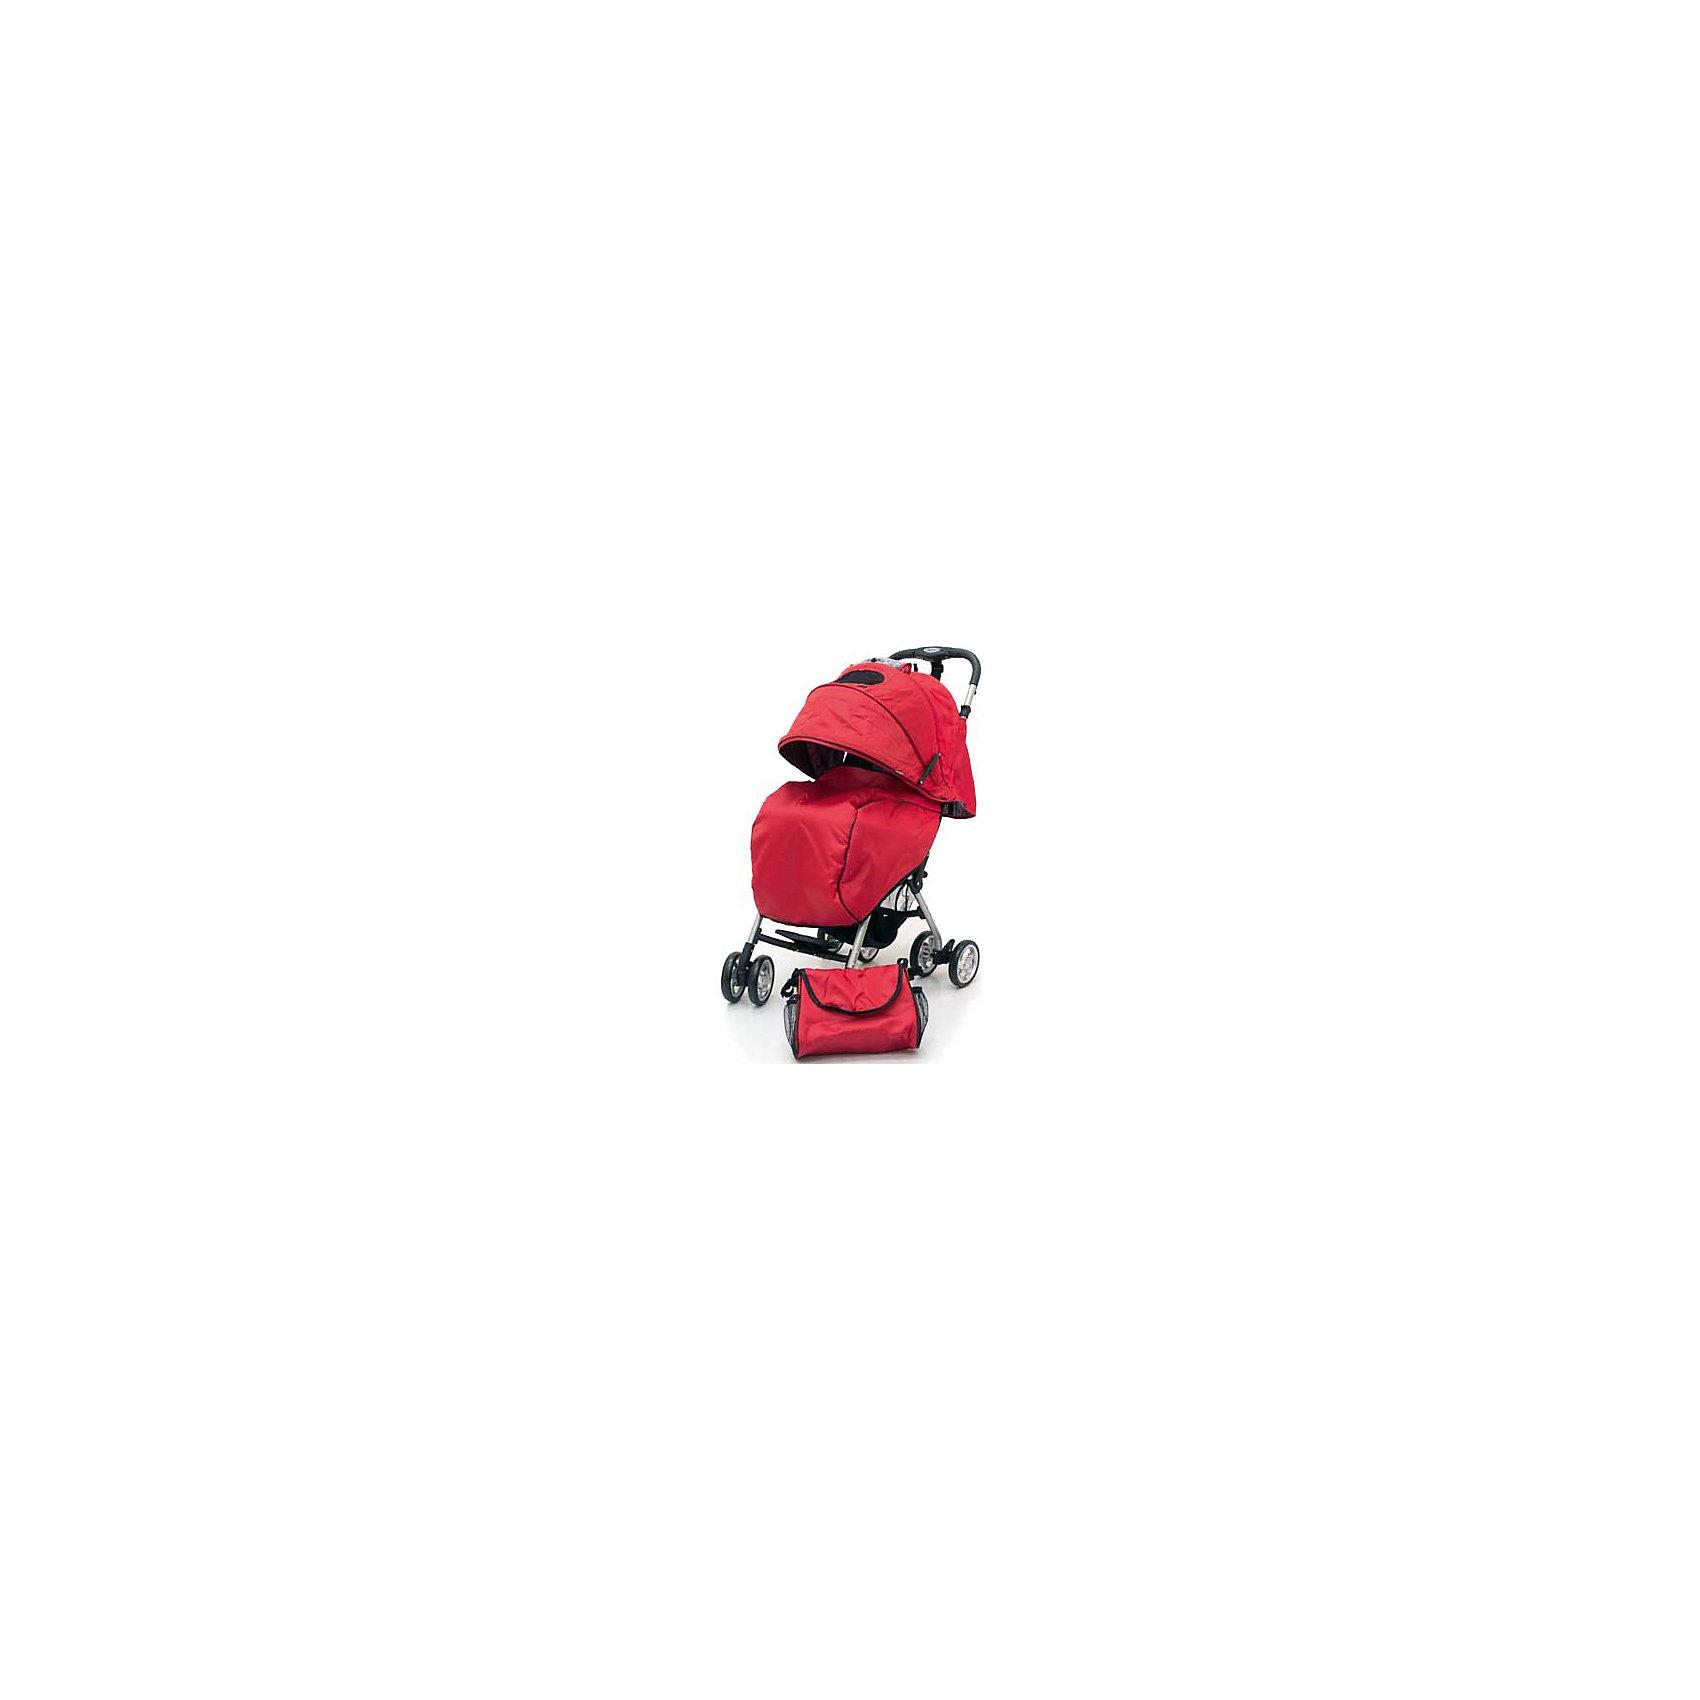 Прогулочная коляска Jetem Elegant, темно-серый/красный, полоска